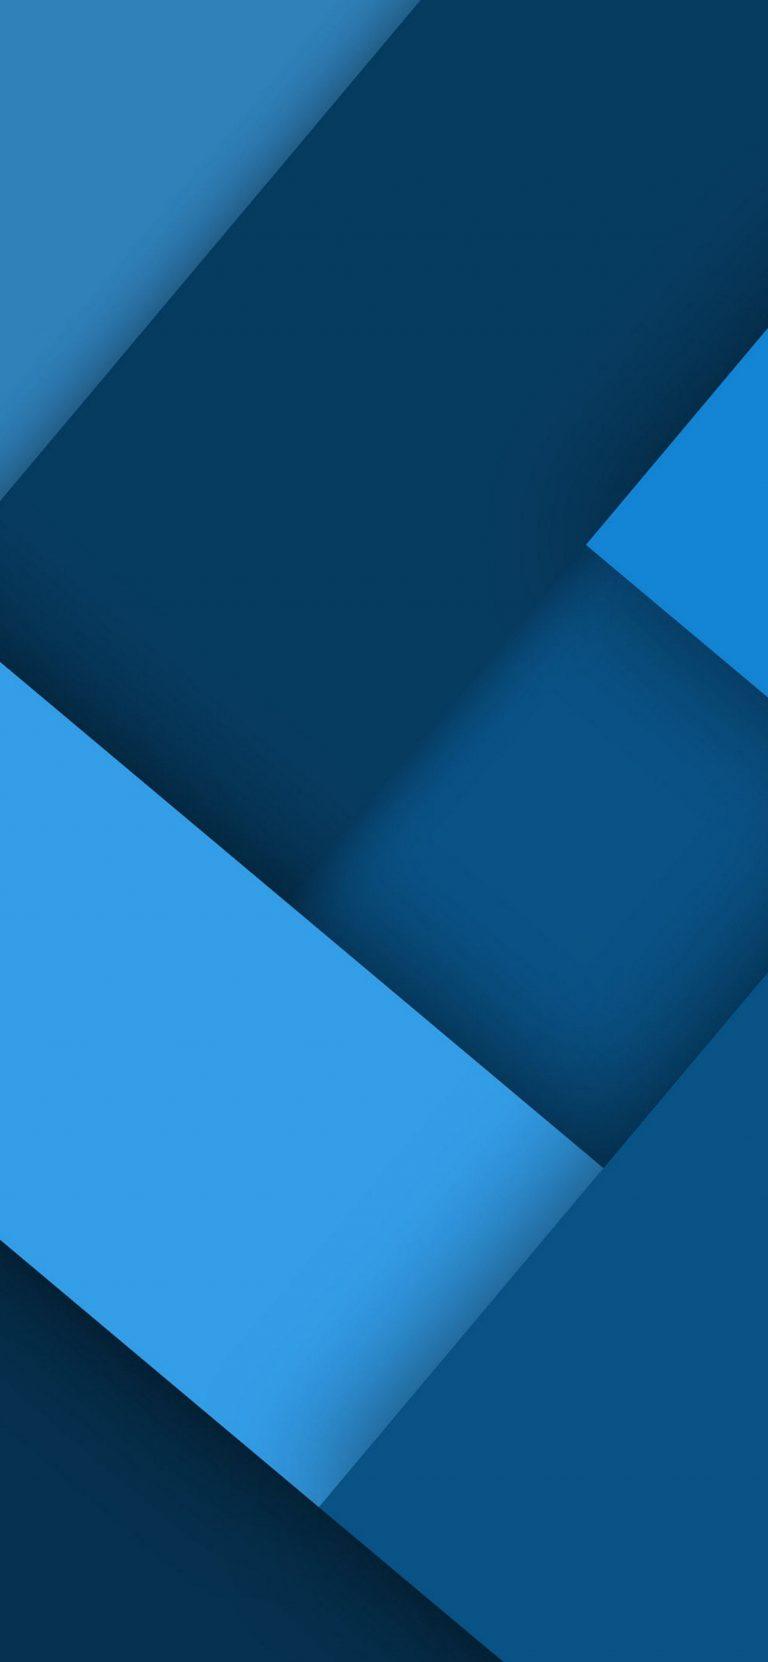 1242x2688 Wallpaper 112 768x1662